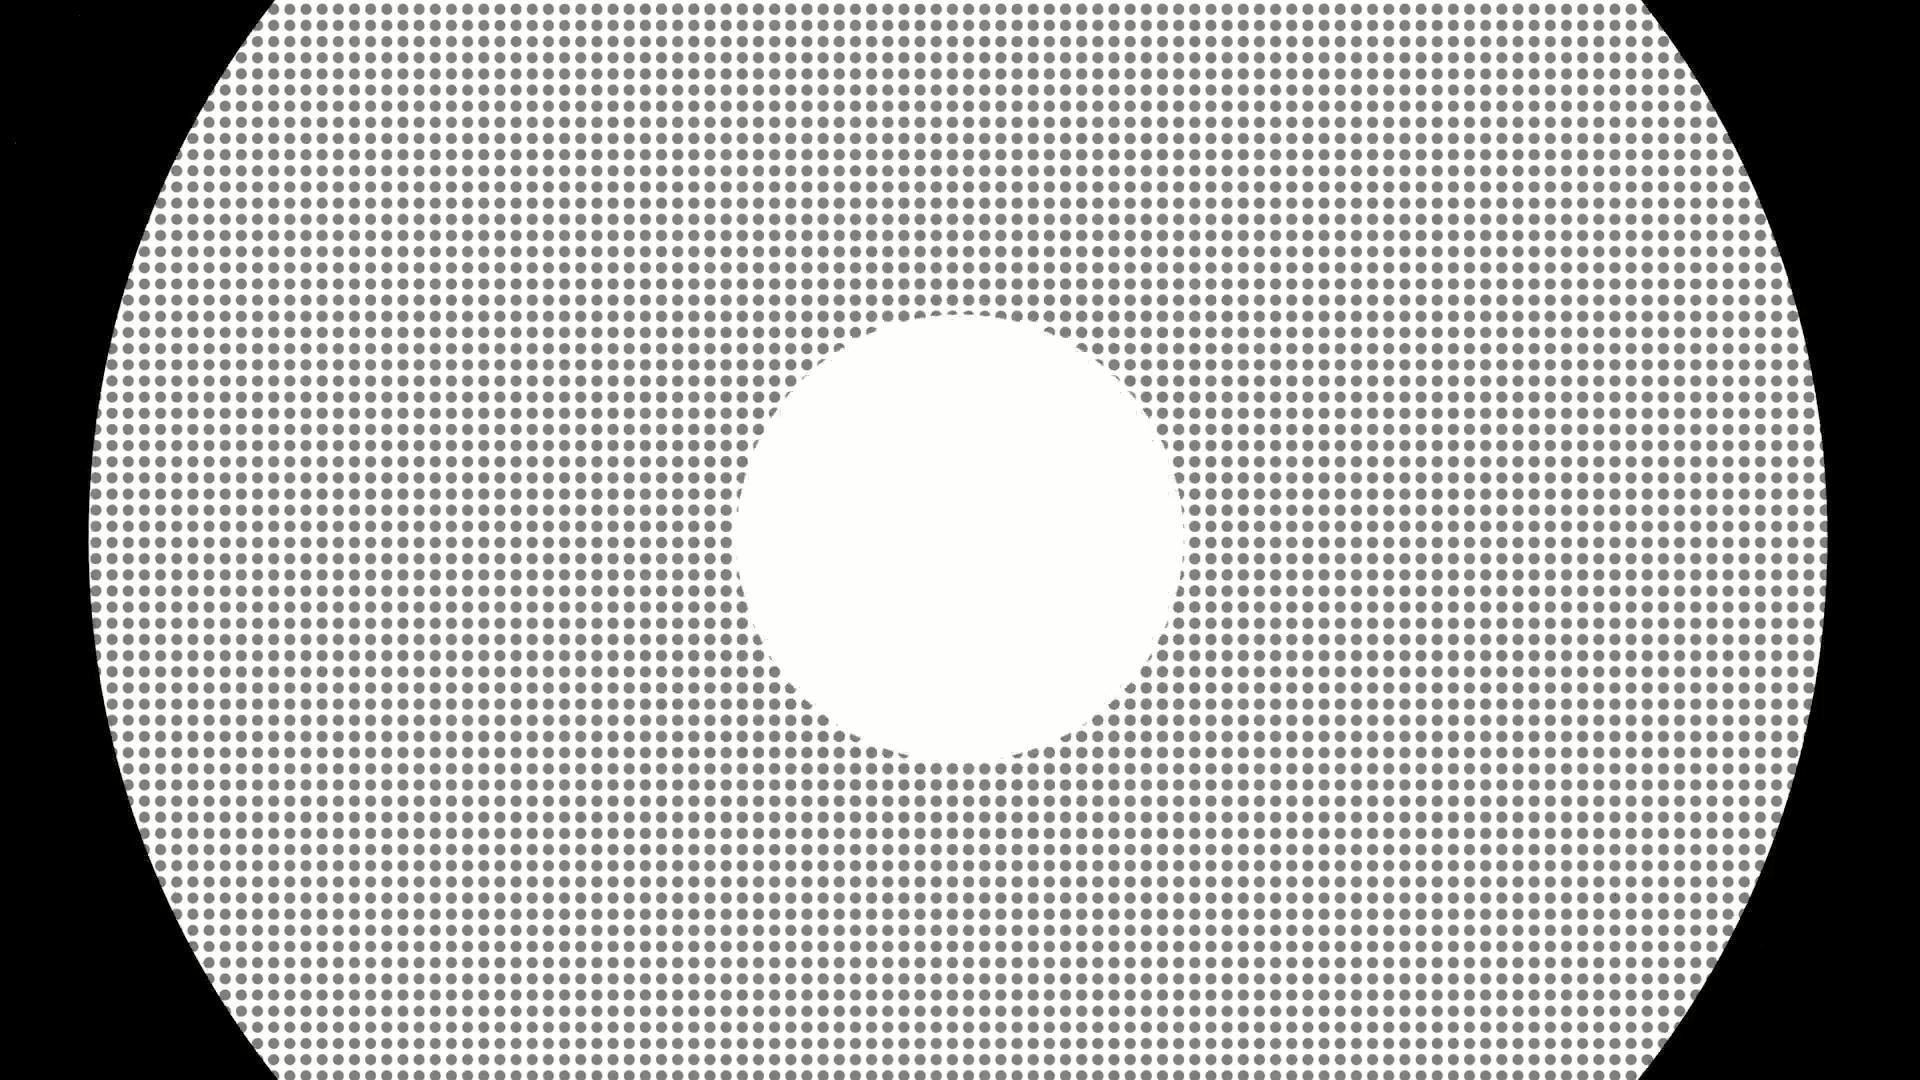 圆点转场过渡素材2